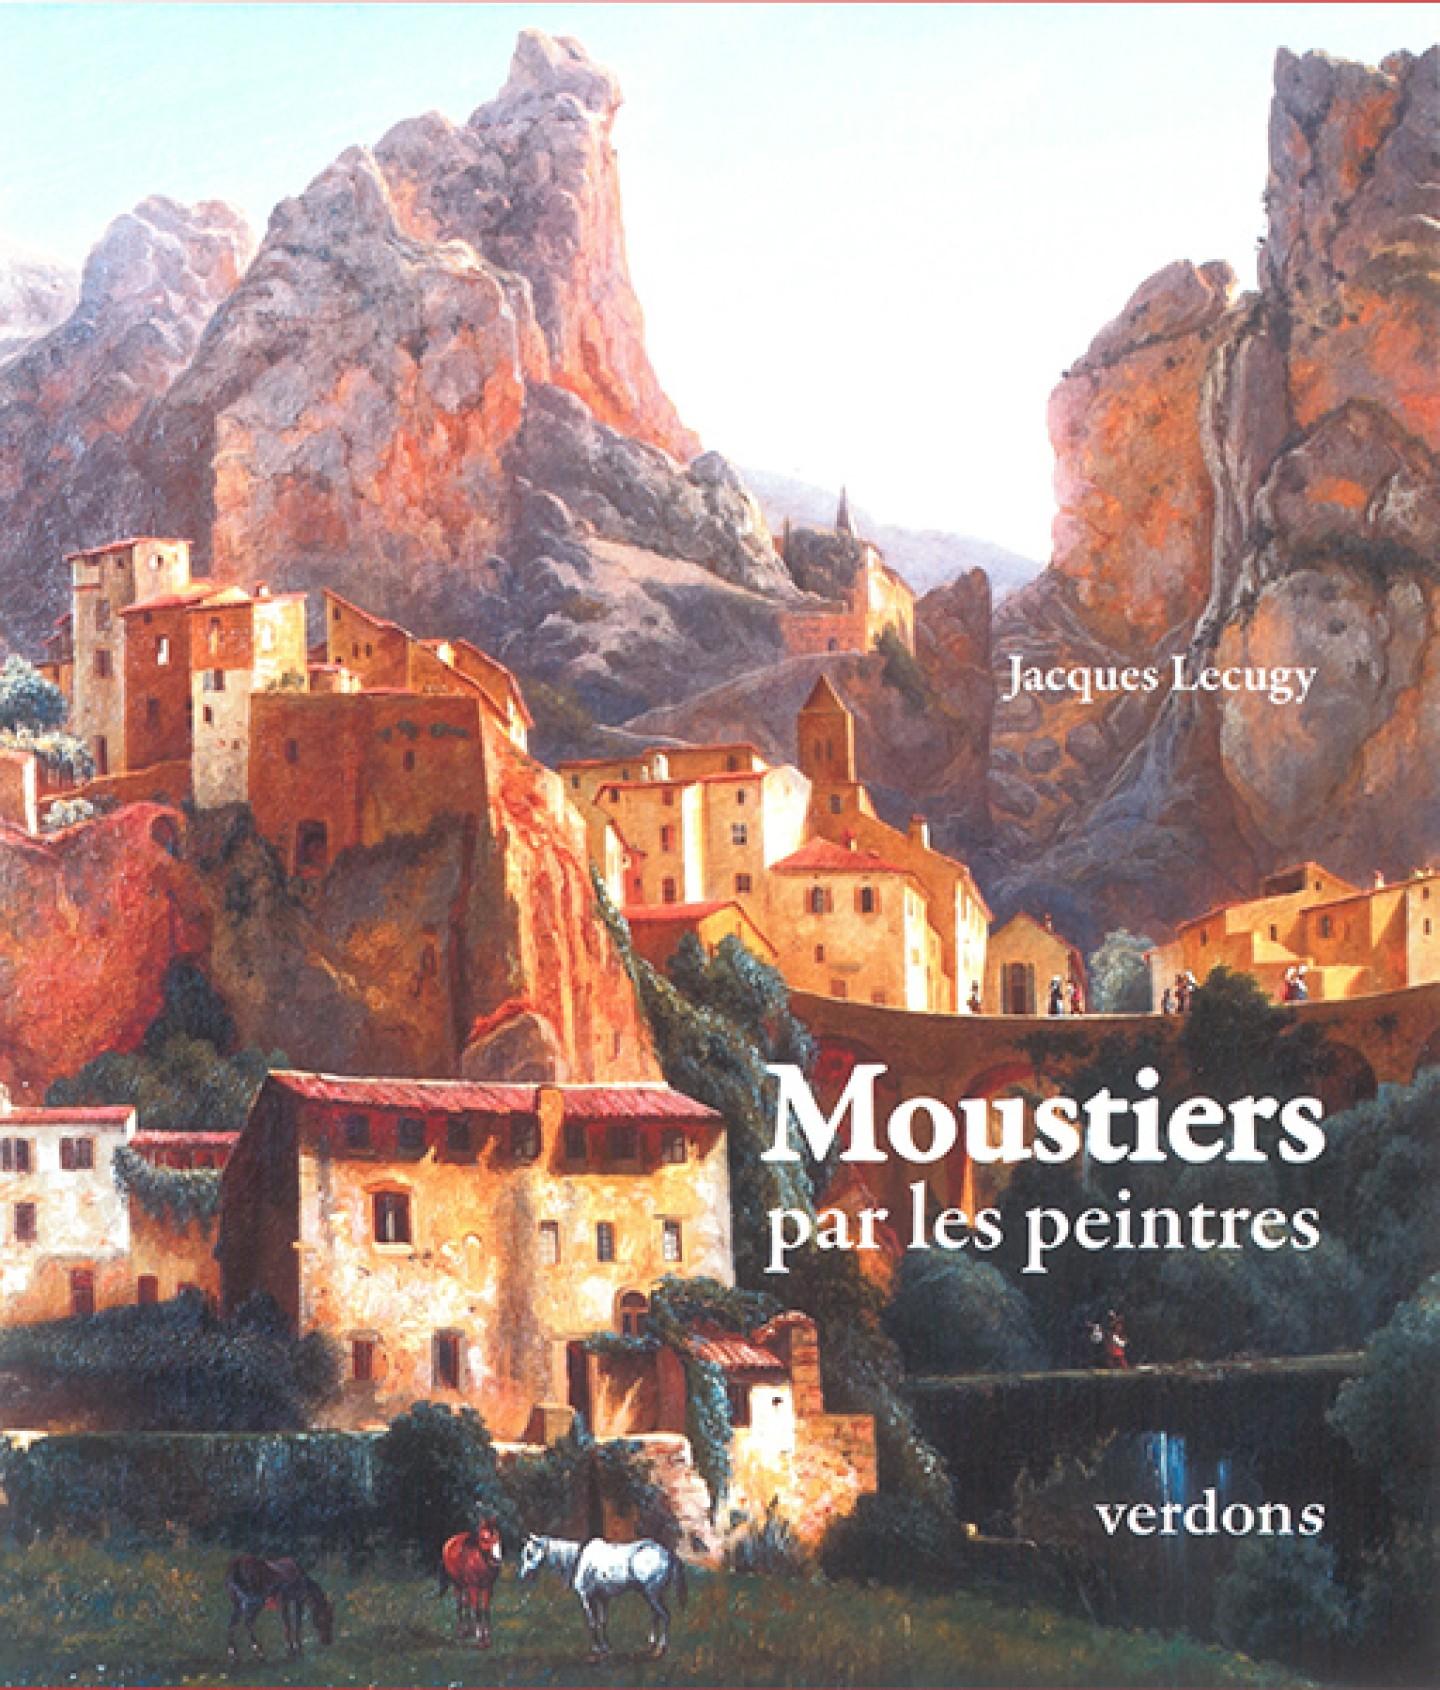 Moustiers par les peintres de Jacques Lecugy